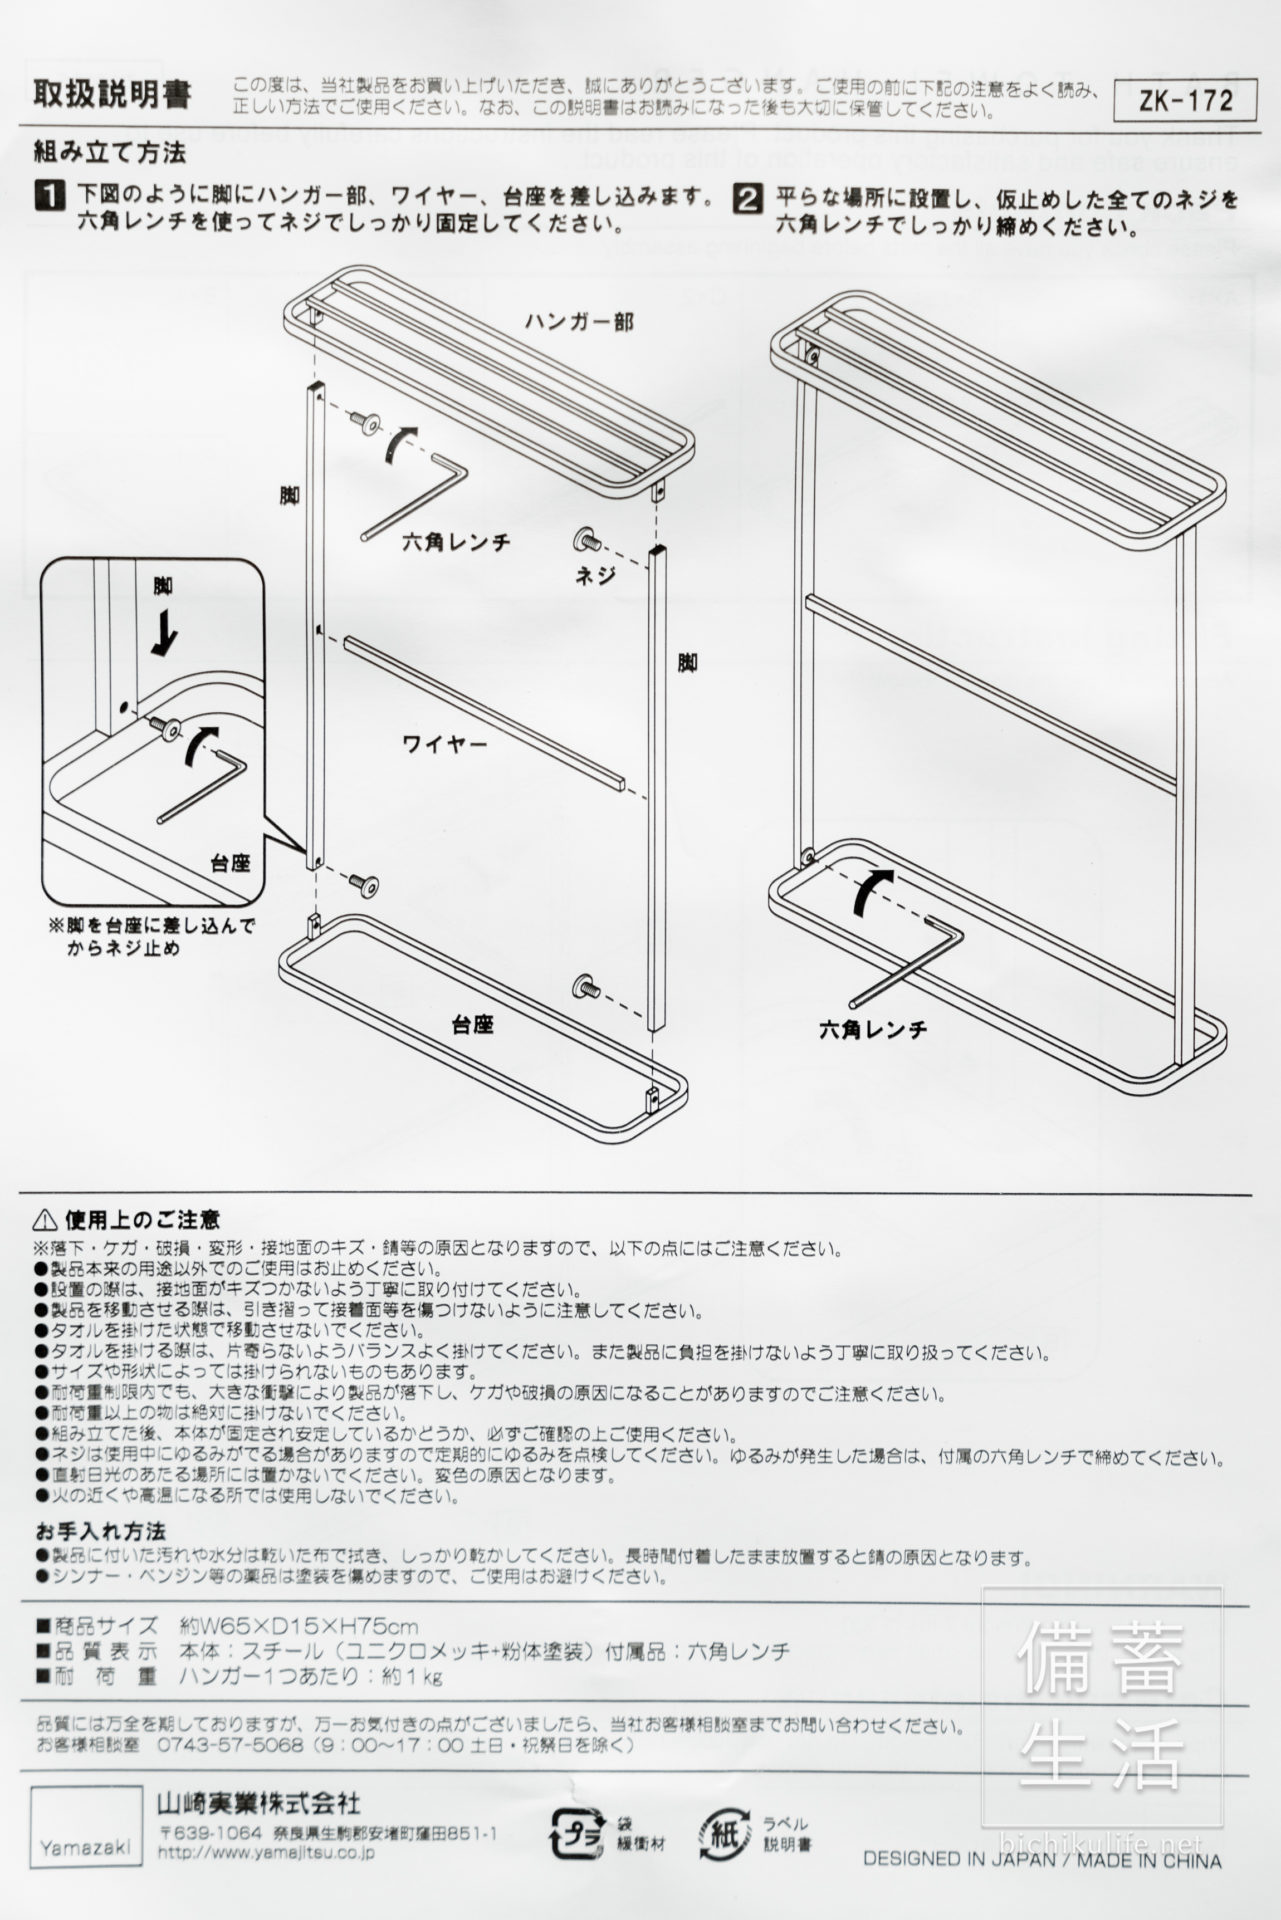 山崎実業 バスタオルハンガー tower 取扱説明書